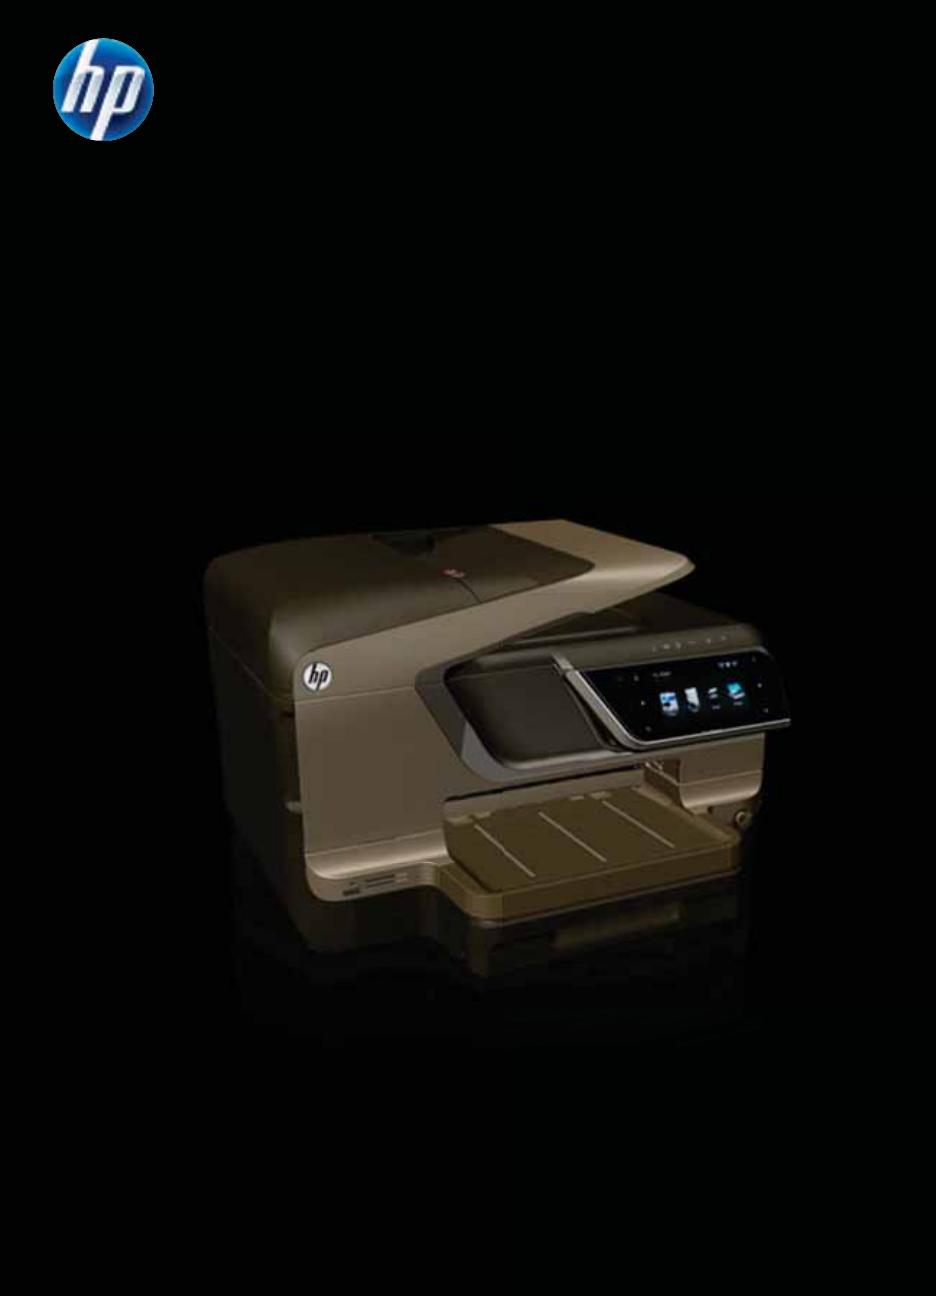 hp hewlett packard all in one printer 8600 user guide rh office manualsonline com HP Officejet Pro 8600 Setup hp officejet pro 8600 printer user guide